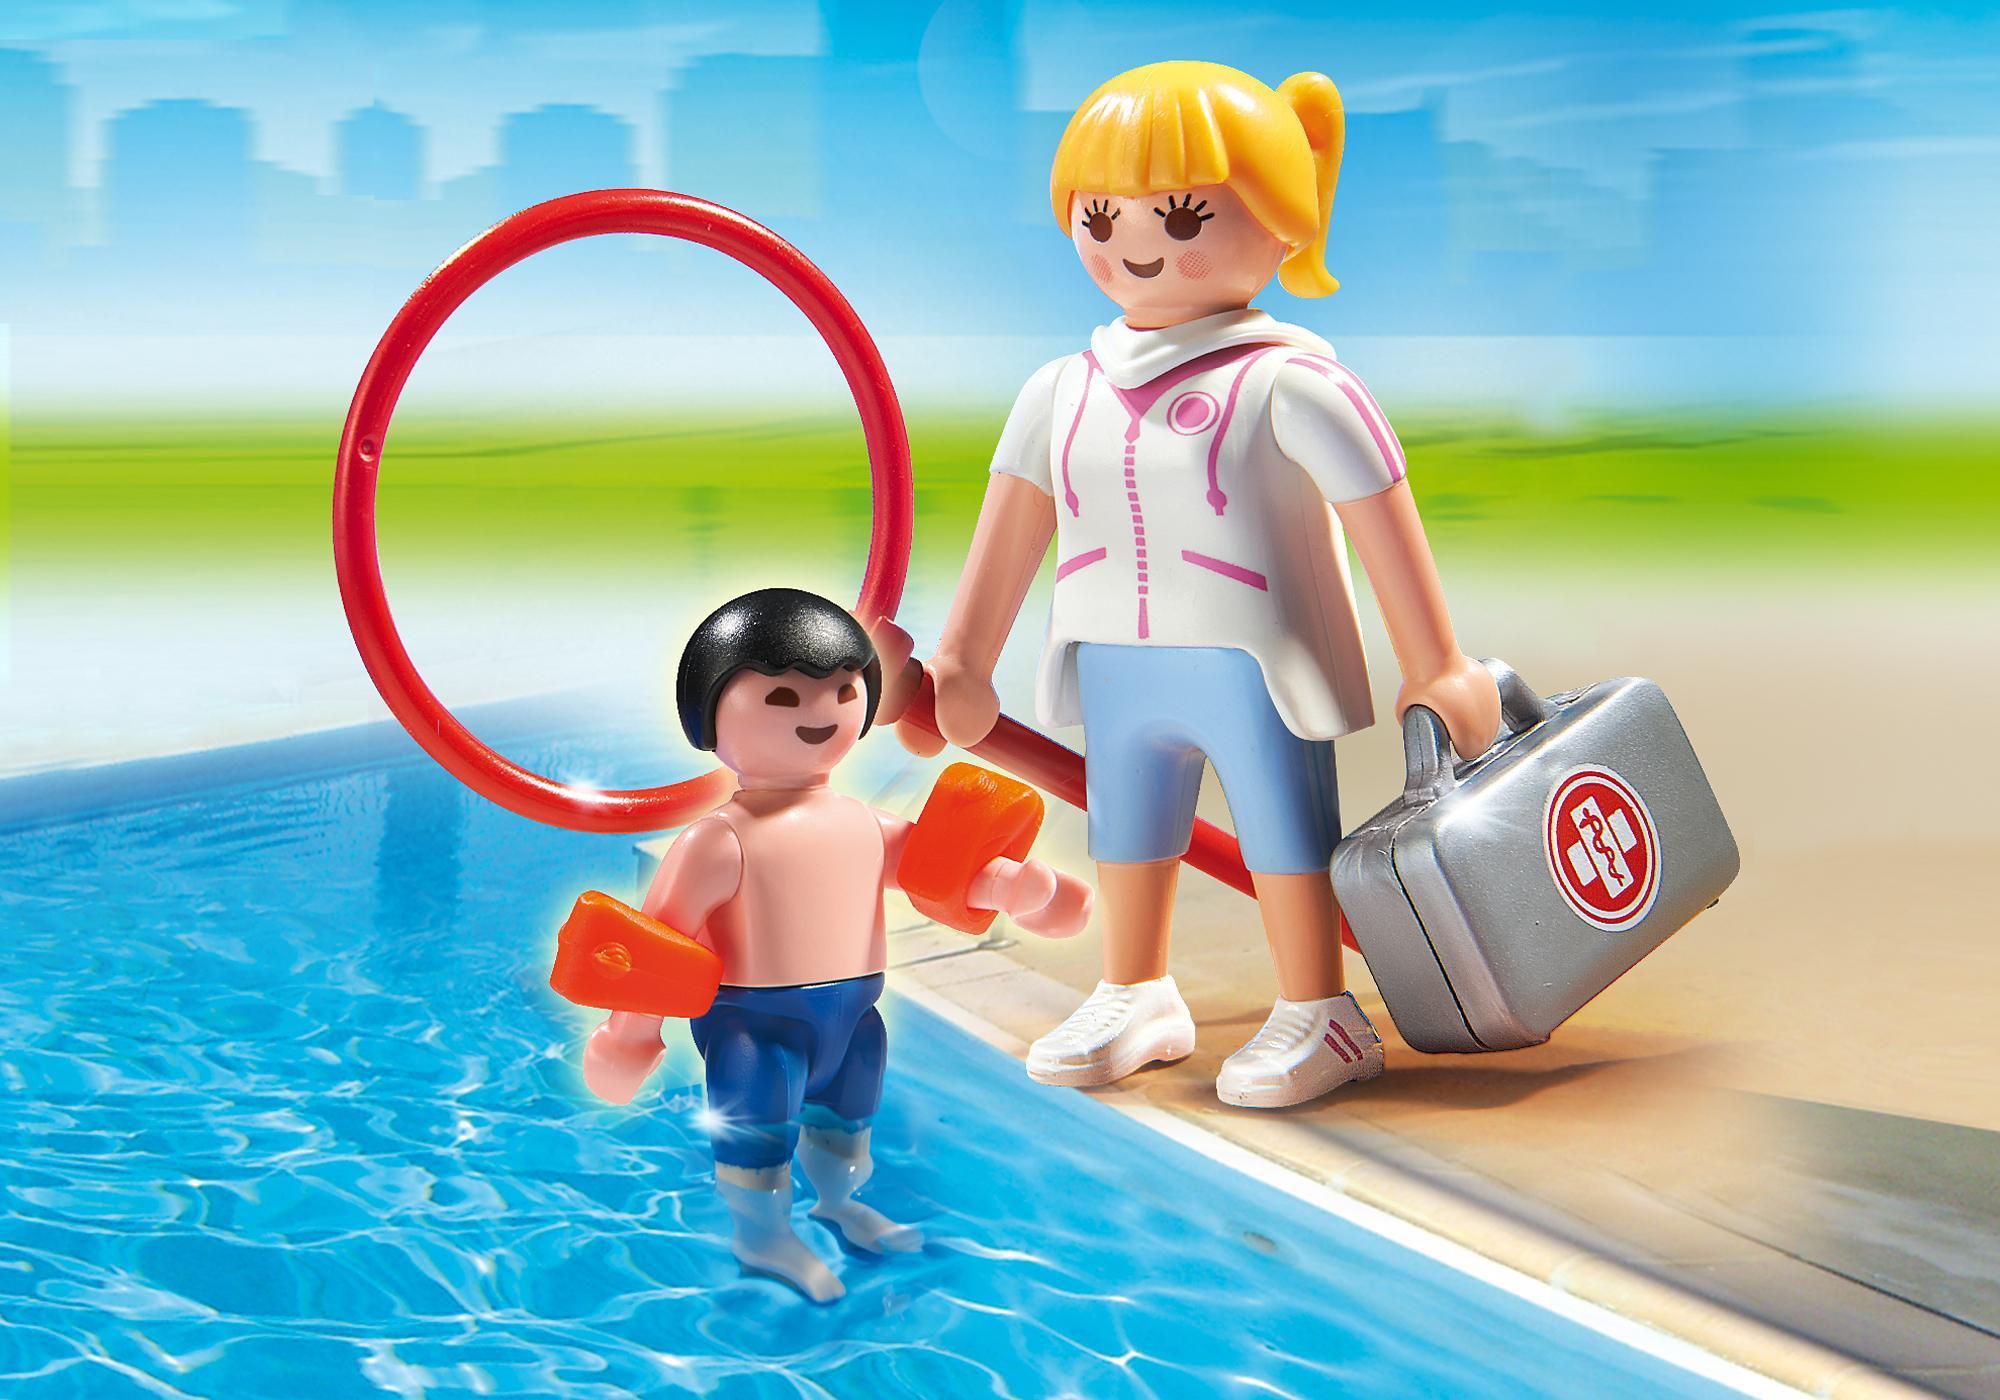 http://media.playmobil.com/i/playmobil/6677_product_detail/Pool Supervisor